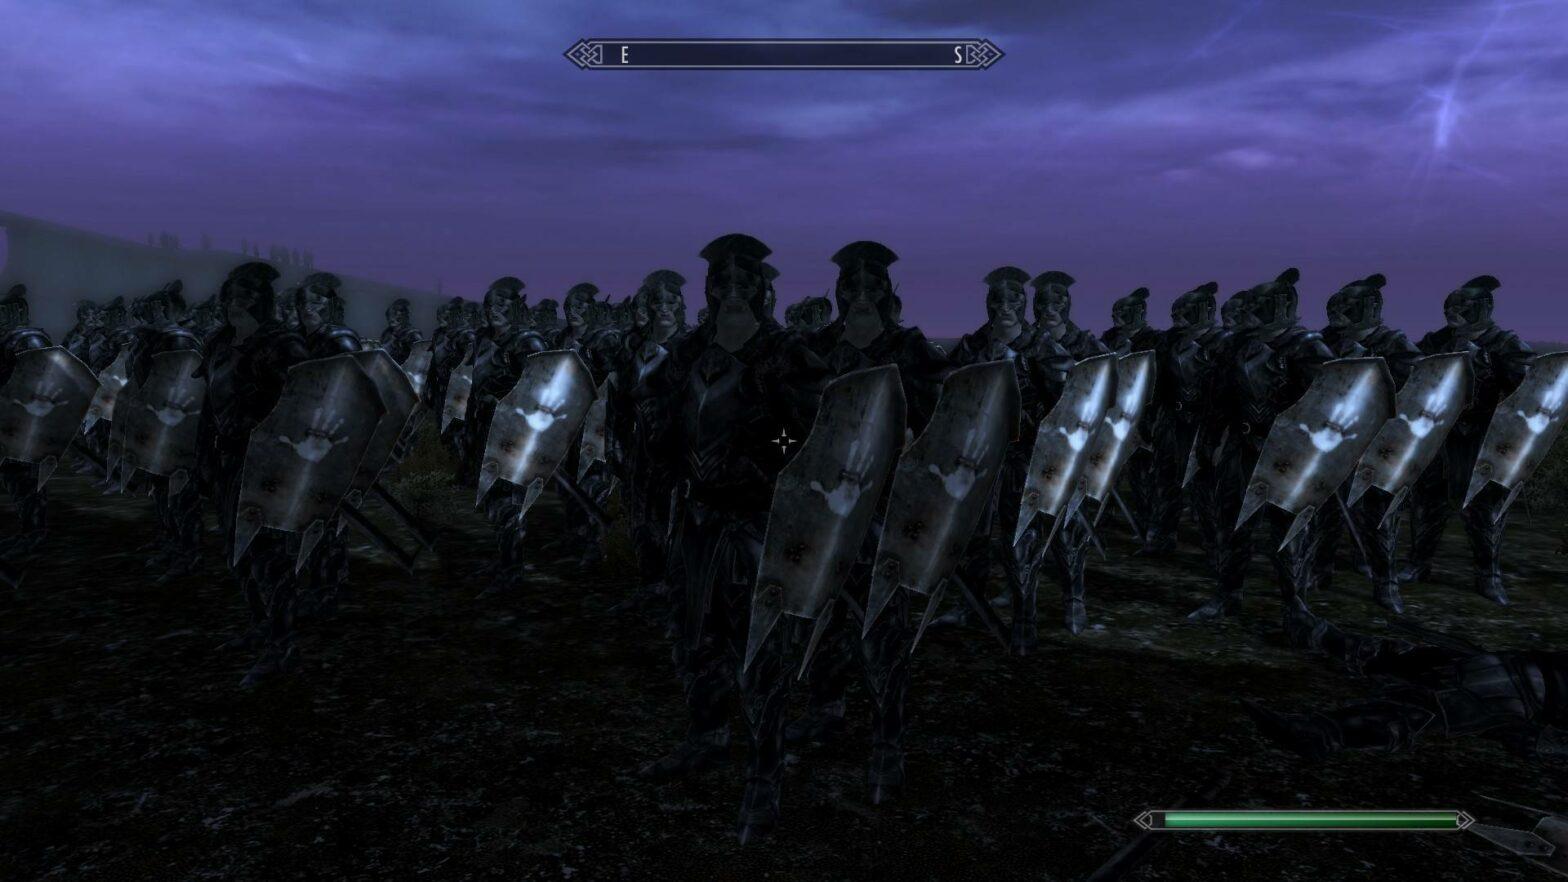 Ziemlich cool: Schlacht um Helms Klamm in Skyrim nachgestellt